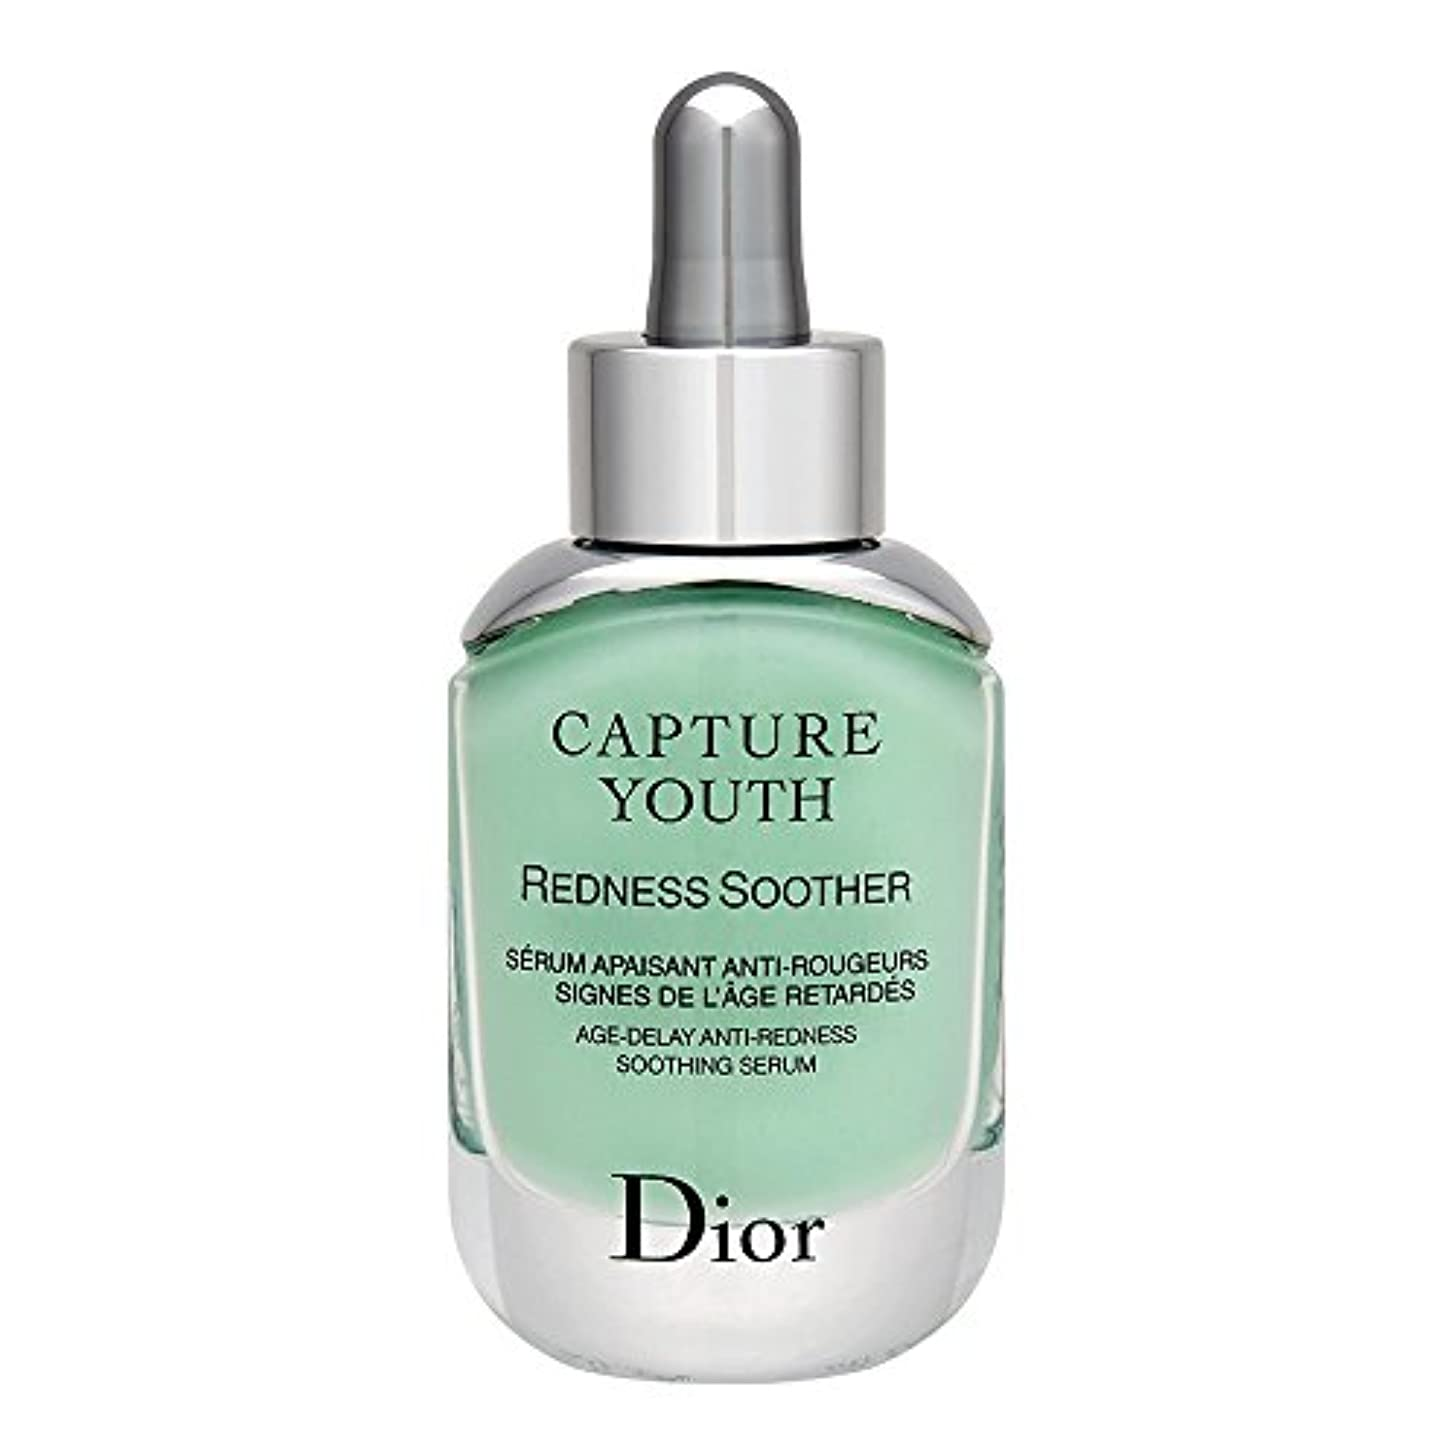 意図ハードユーザークリスチャンディオール Christian Dior カプチュール ユース レッドネス ミニマイザー 30mL [並行輸入品]